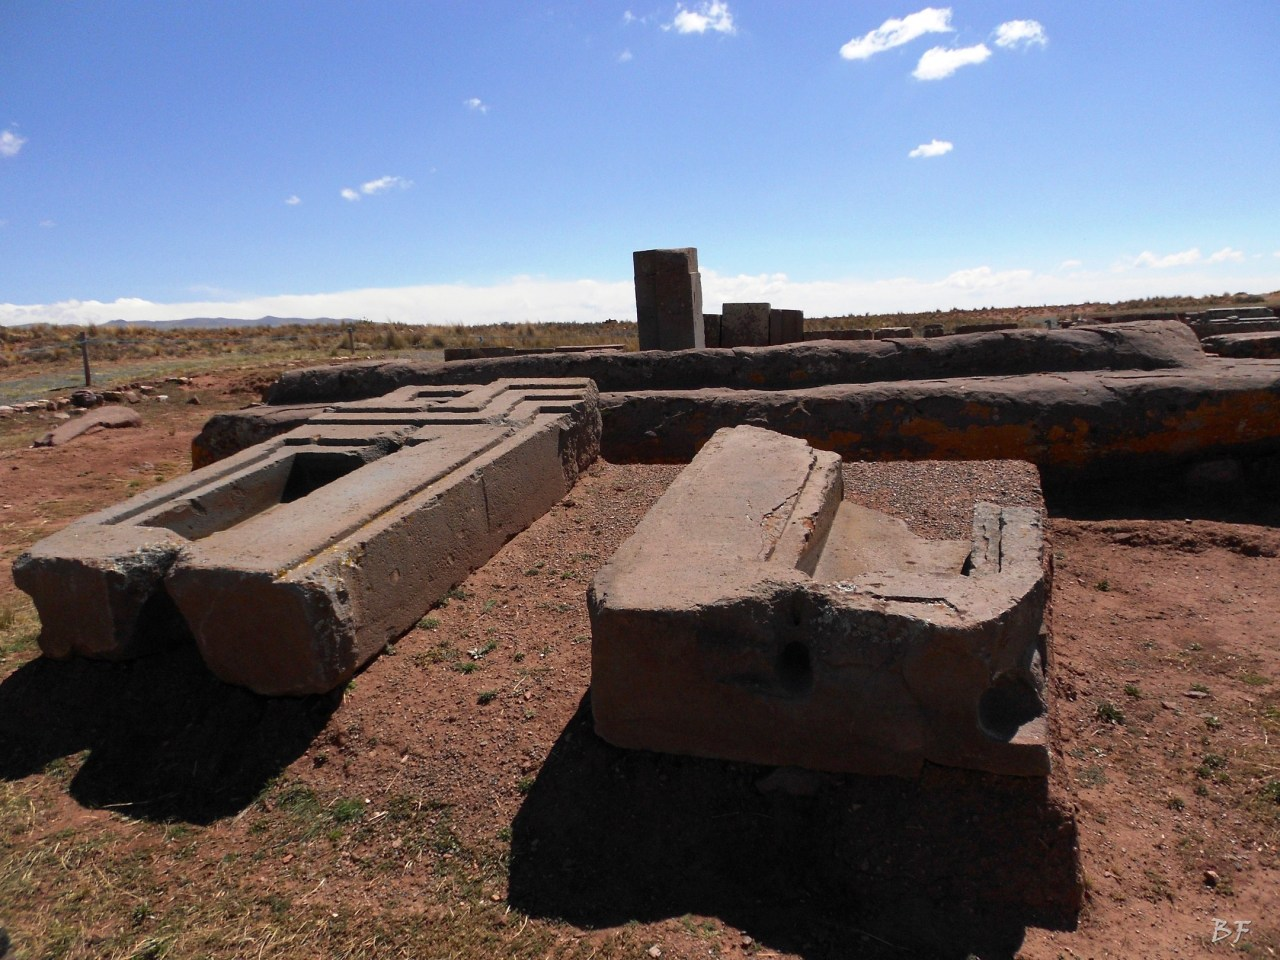 Puma-Punku-Area-Megalitica-Mura-Poligonali-Megaliti-Tiwanaku-Tiahuanaco-Bolivia-43